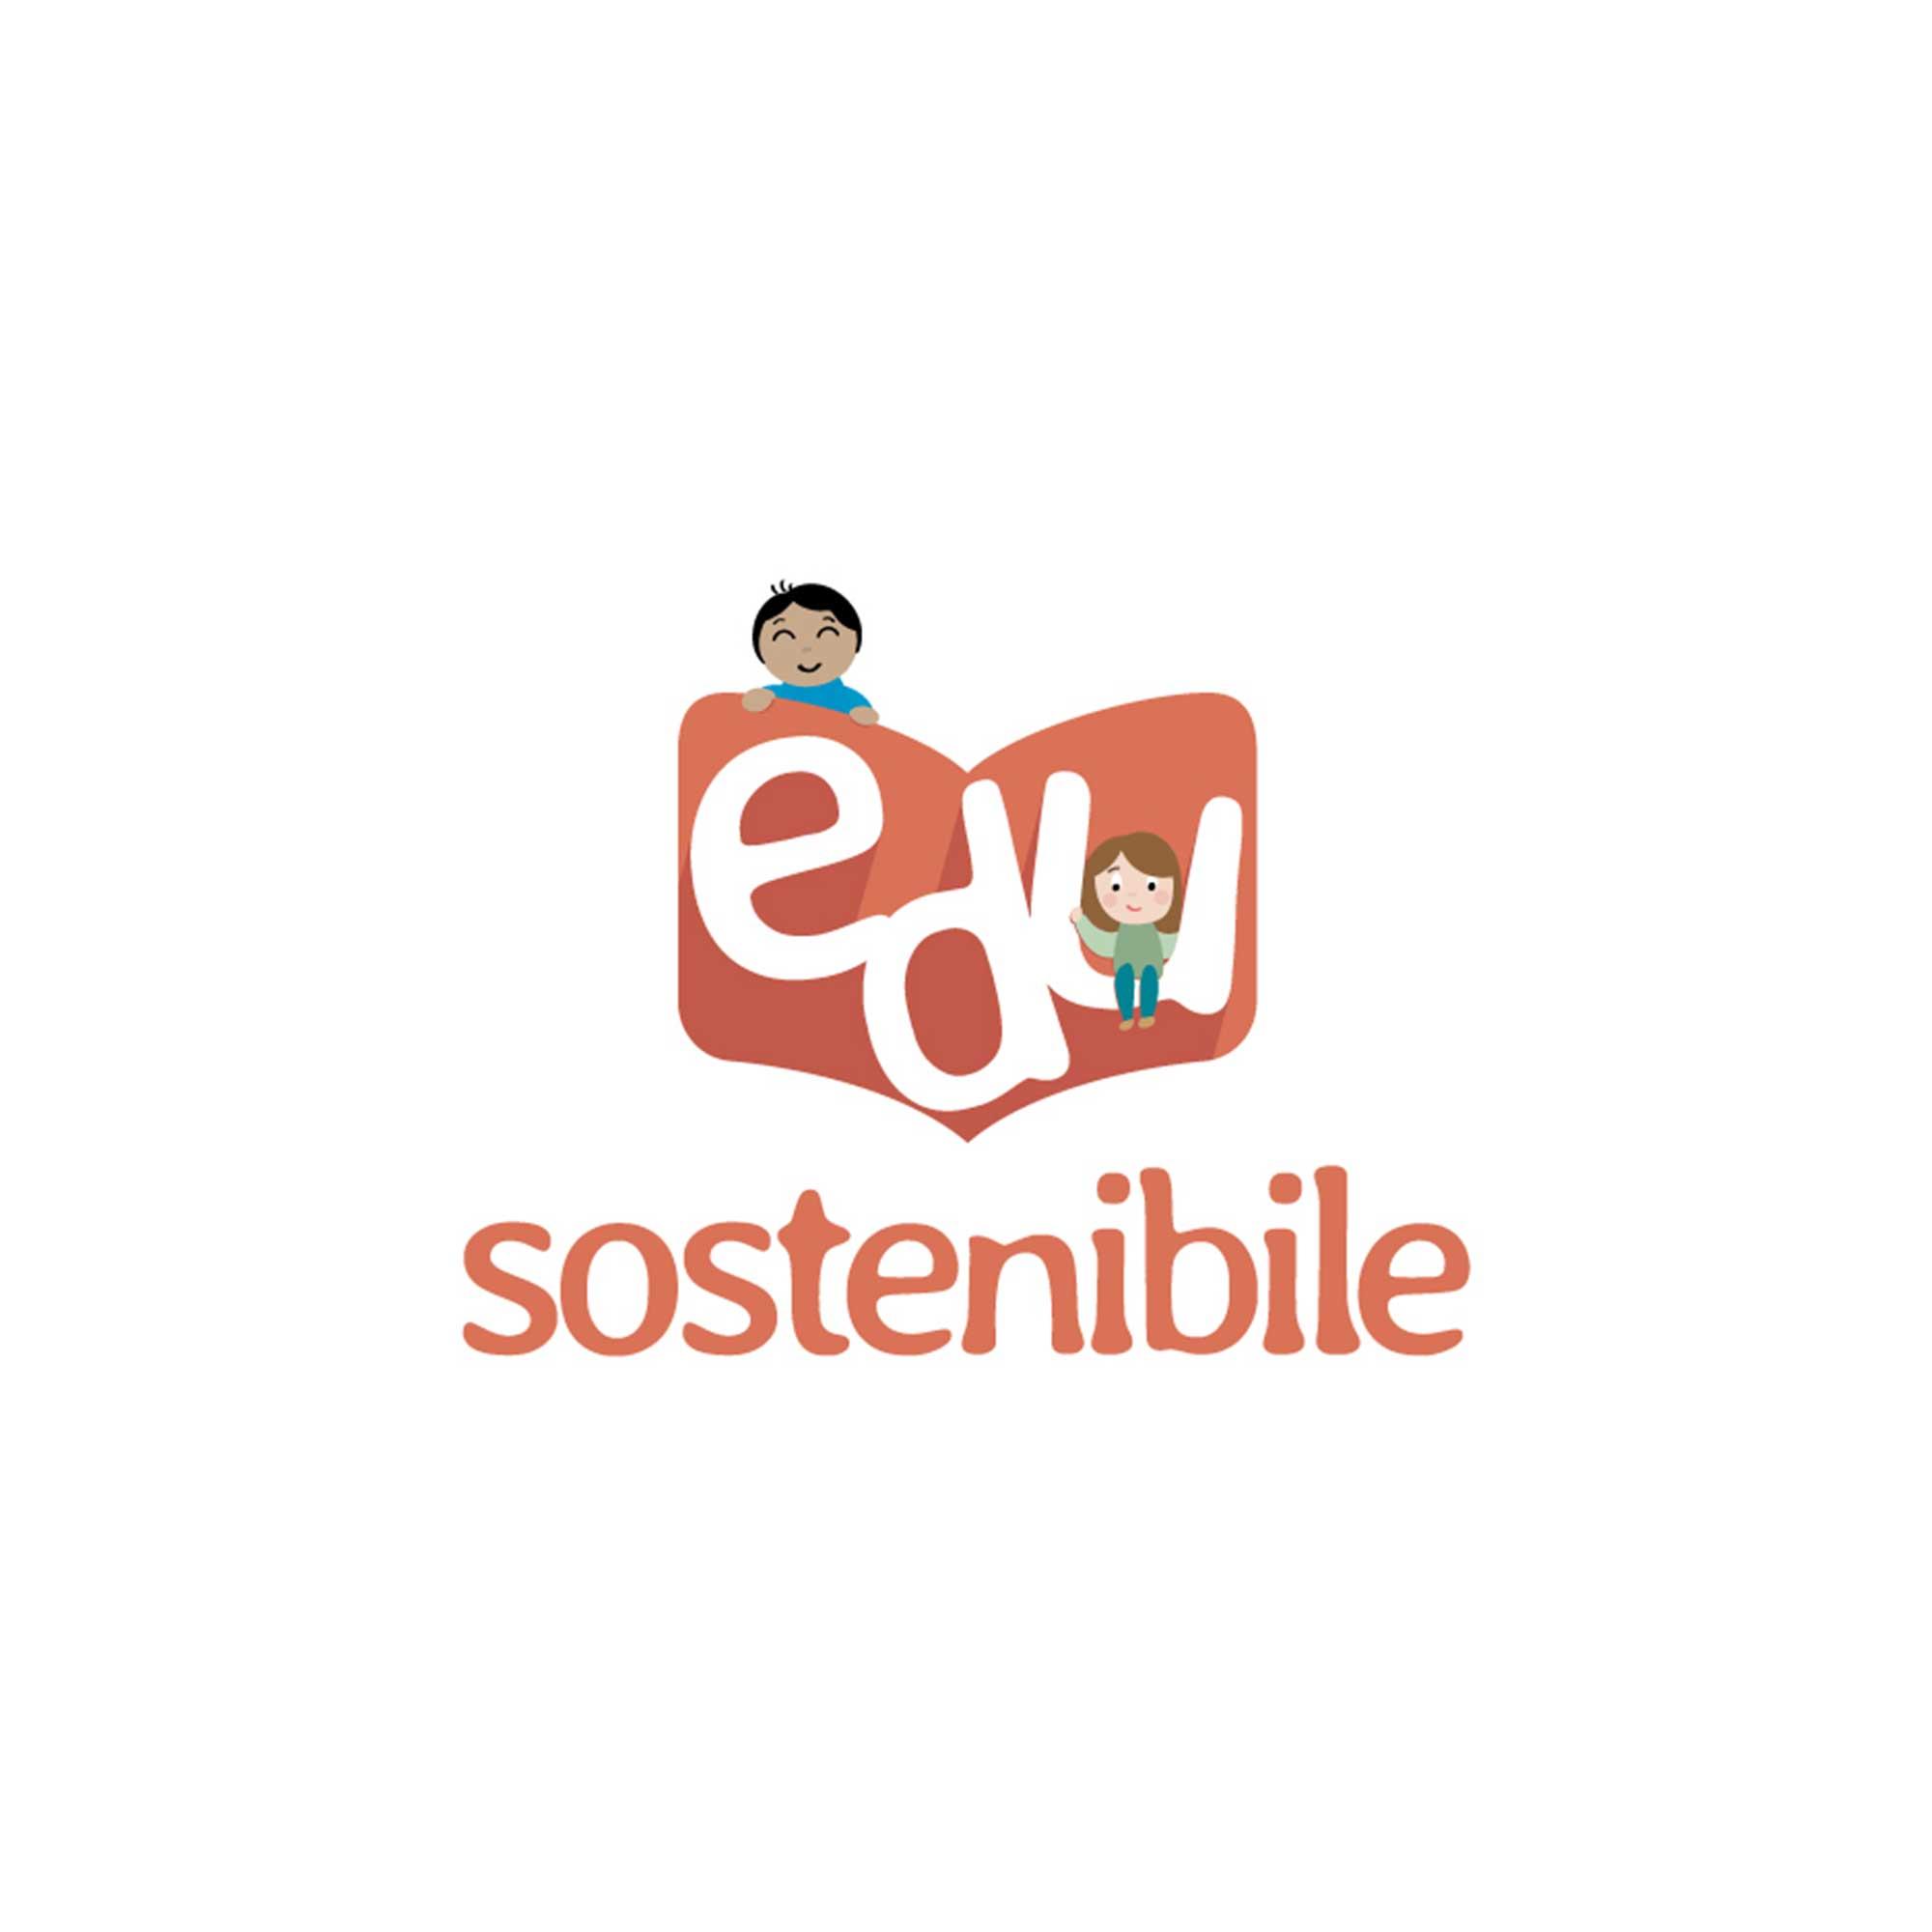 Il POST è partner di Edu Sostenibile, la comunità nella sostenibilità educativa per l'infanzia